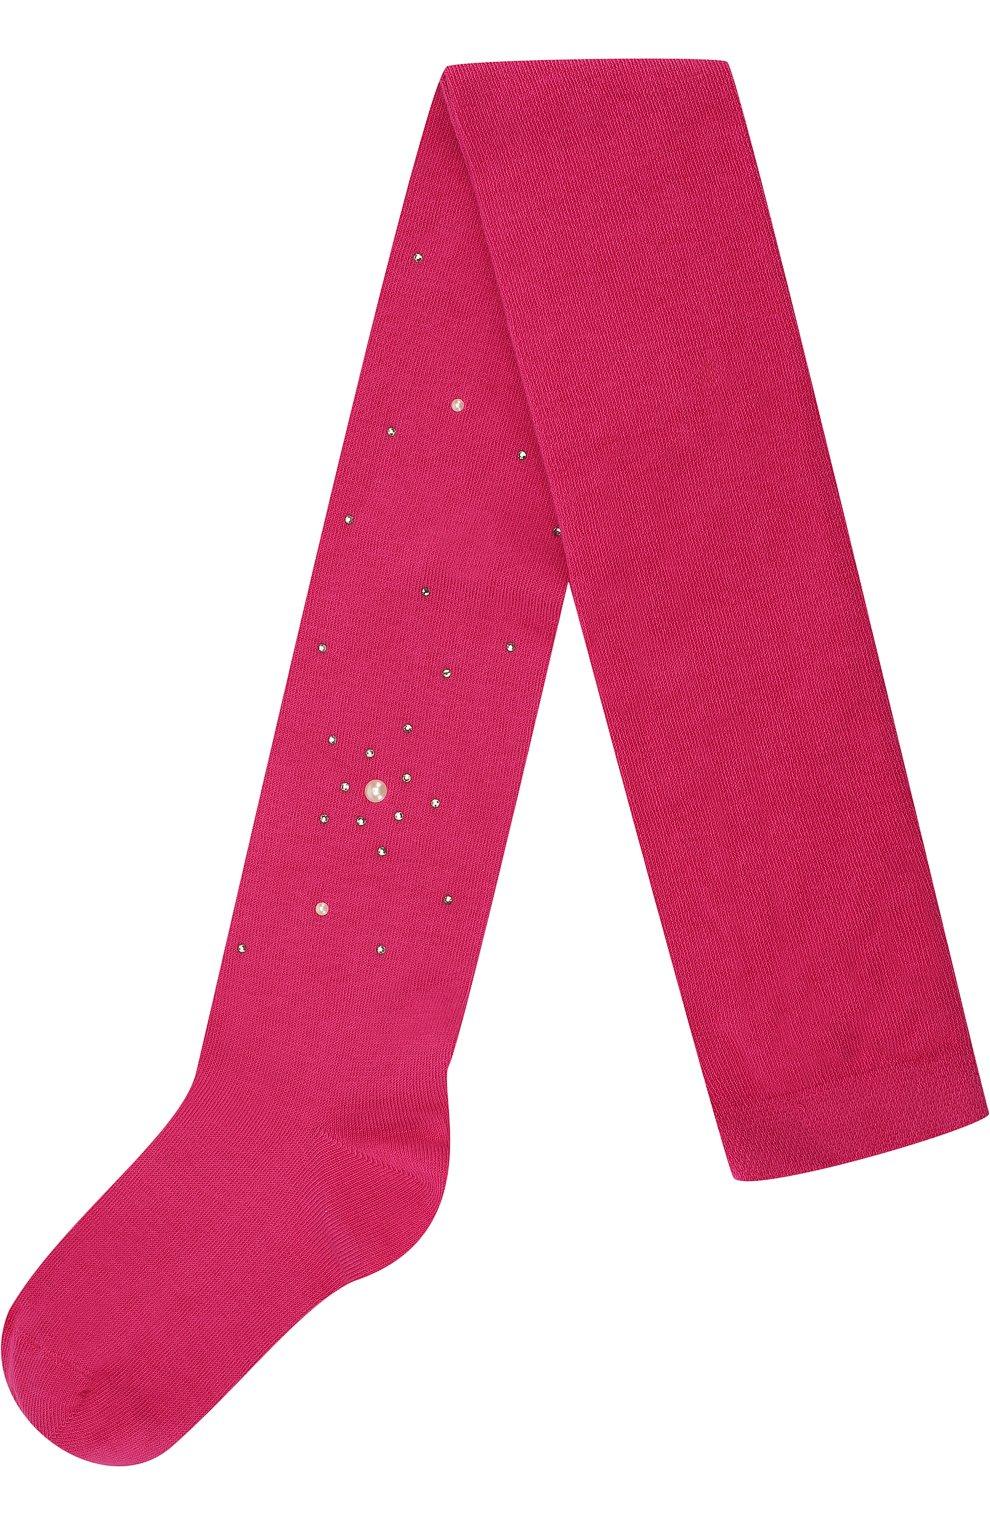 Детские колготки из хлопка с жемчужинами LA PERLA розового цвета, арт. 47718/4-6 | Фото 1